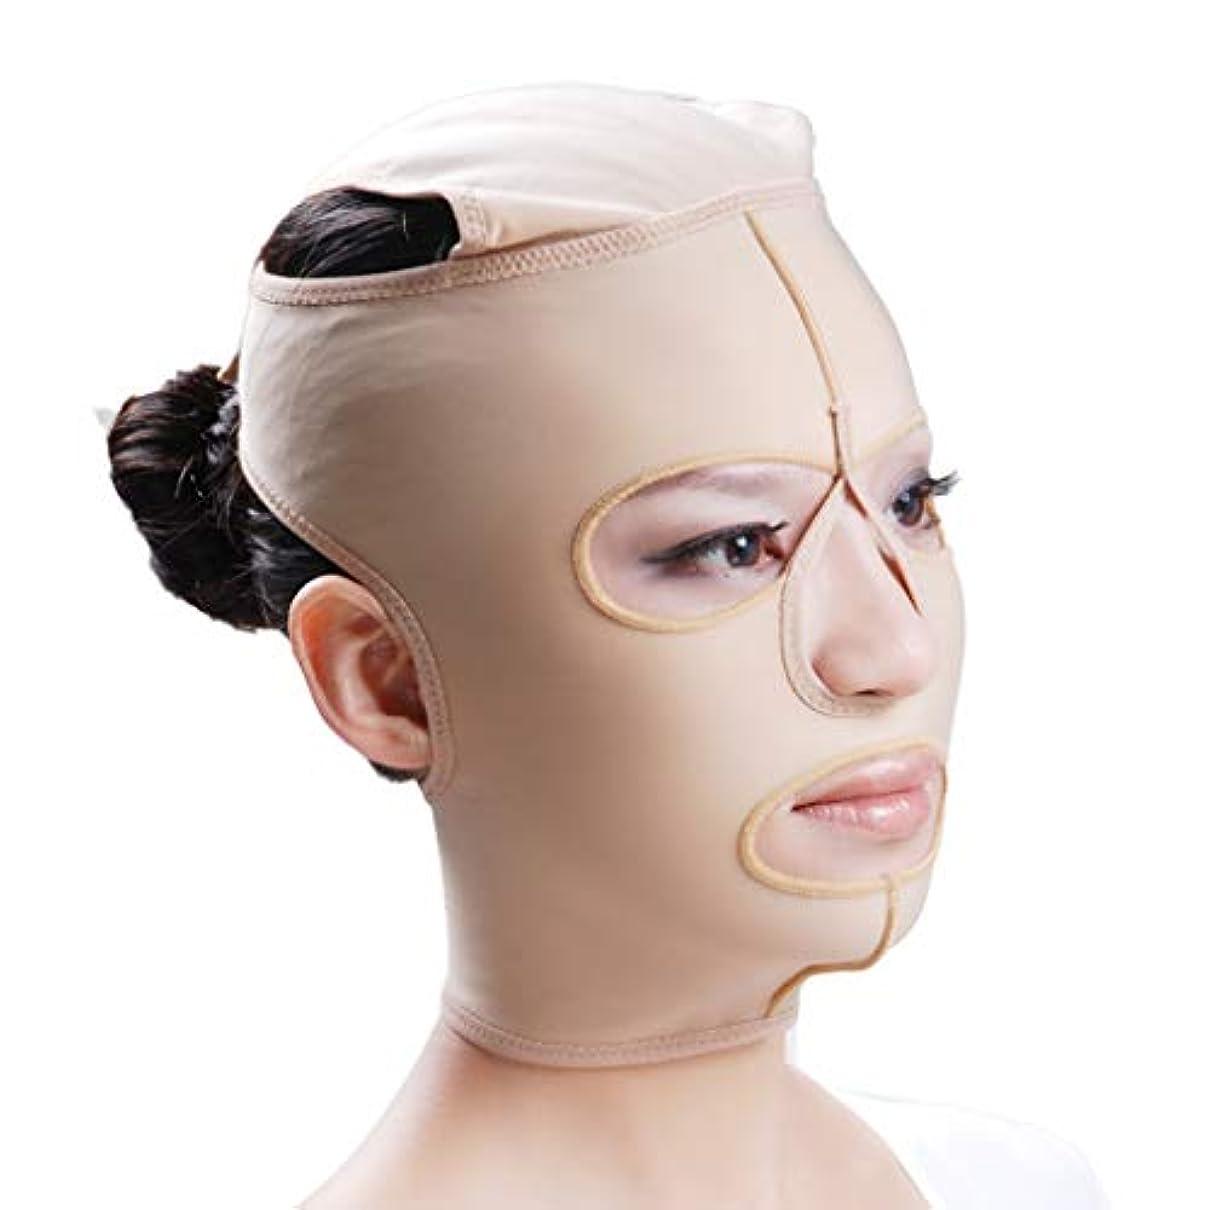 フェロー諸島チャレンジ海賊XHLMRMJ フェイスリフトマスク、フルフェイスマスク医療グレード圧力フェイスダブルチンプラスチック脂肪吸引術弾性包帯ヘッドギア後の顔の脂肪吸引術 (Size : M)